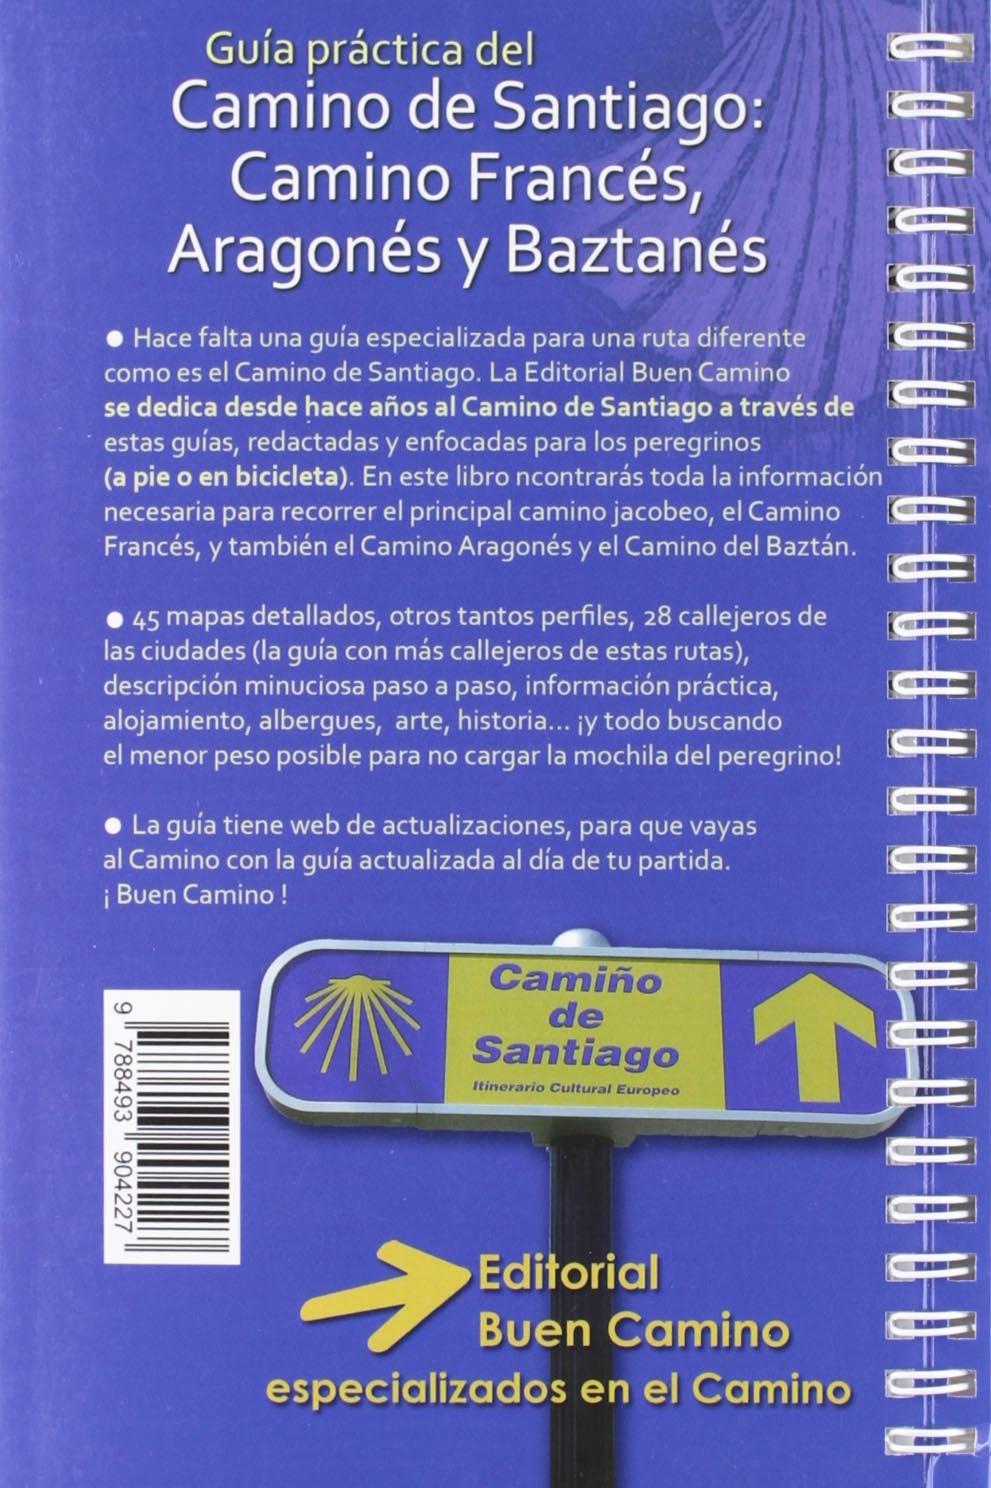 Camino de santiago, camino fances, aragones y baztanes: 9788493904227: Amazon.com: Books